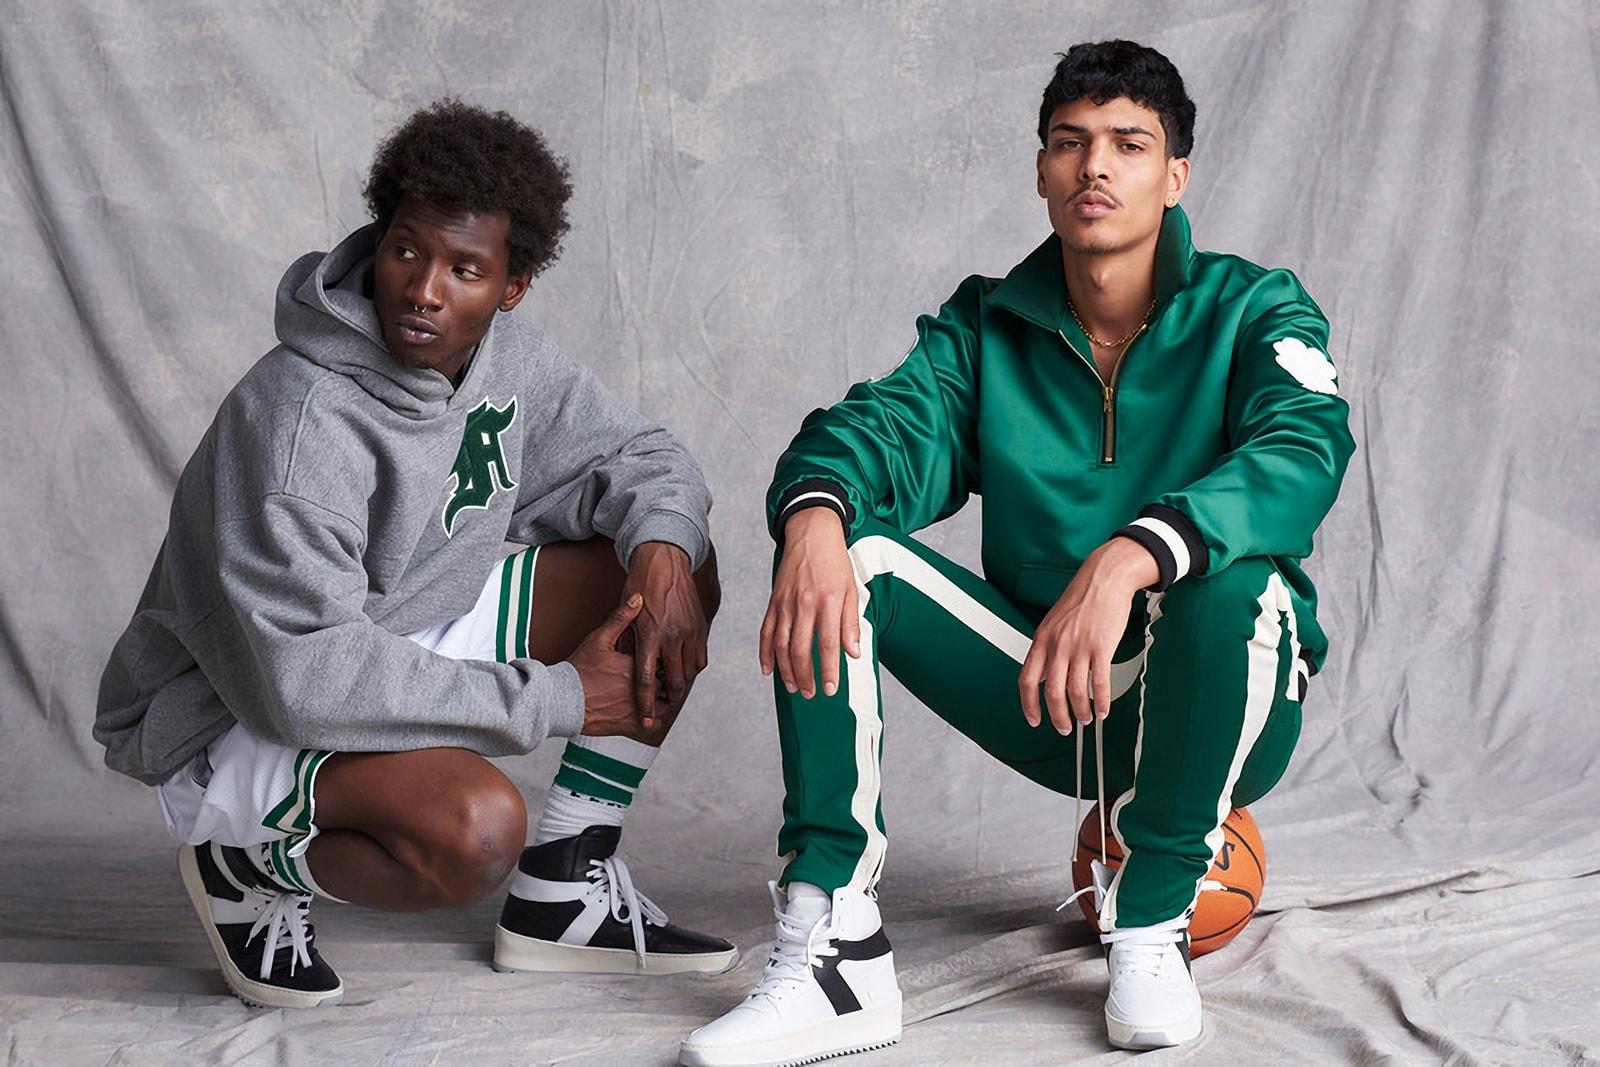 Jerry Lorenzo 加入 adidas 会实现互相成就吗?